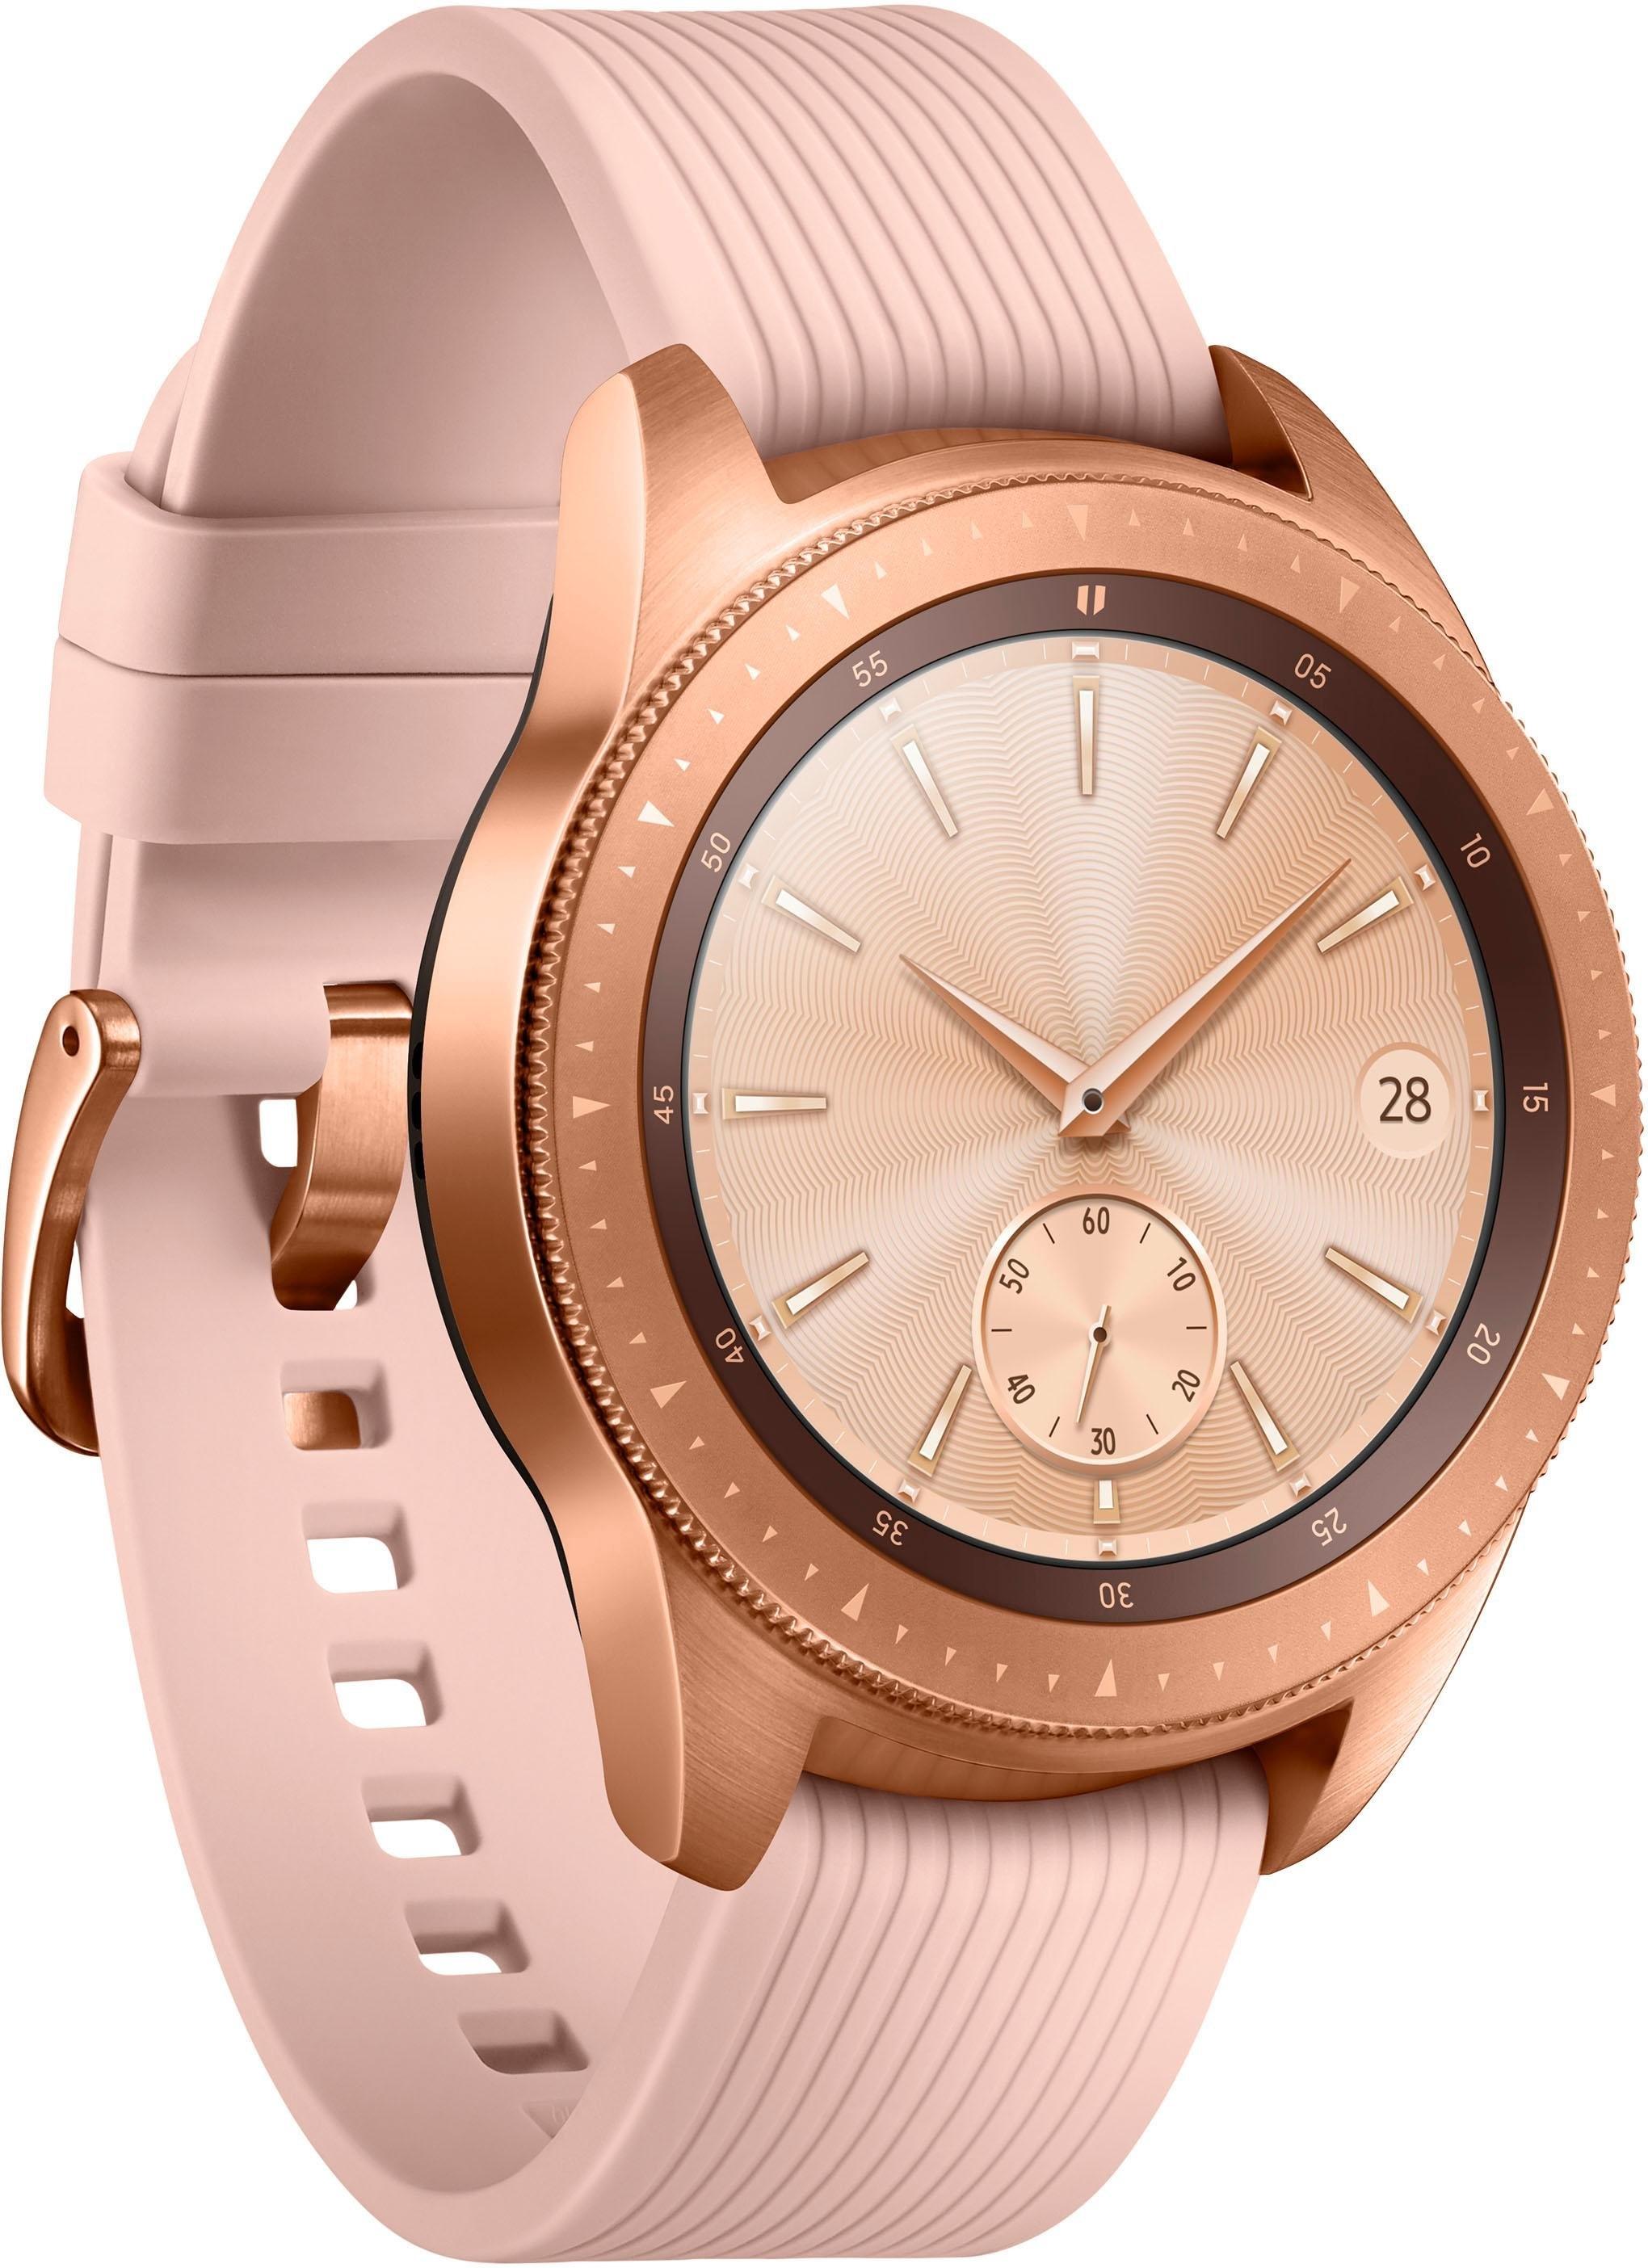 SAMSUNG Galaxy Watch - LTE - 42 mm smartwatch (3,05 cm / 1,2 inch, Tizen OS) nu online bestellen